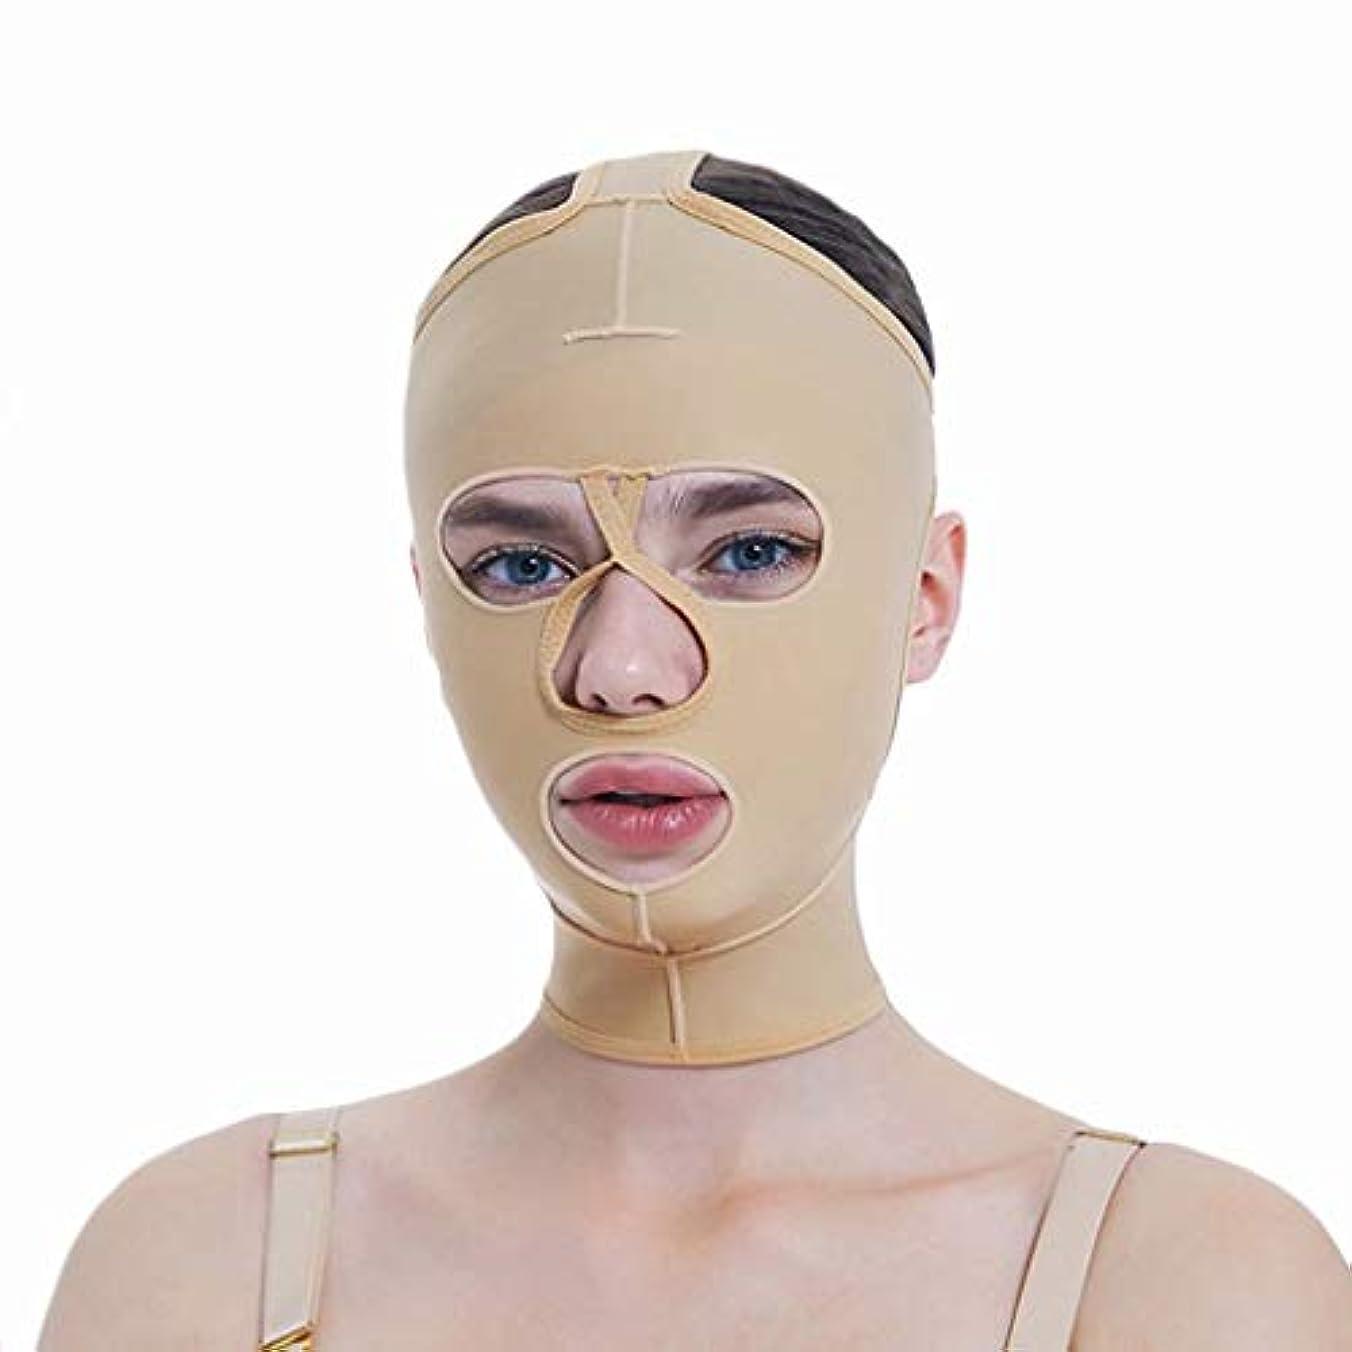 ローン絡み合い抽選フェイシャル減量マスク、フルカバレッジ包帯、フルフェイスリフティングマスク、フェイスマスク、快適で リフティングシェーピング(サイズ:S),S